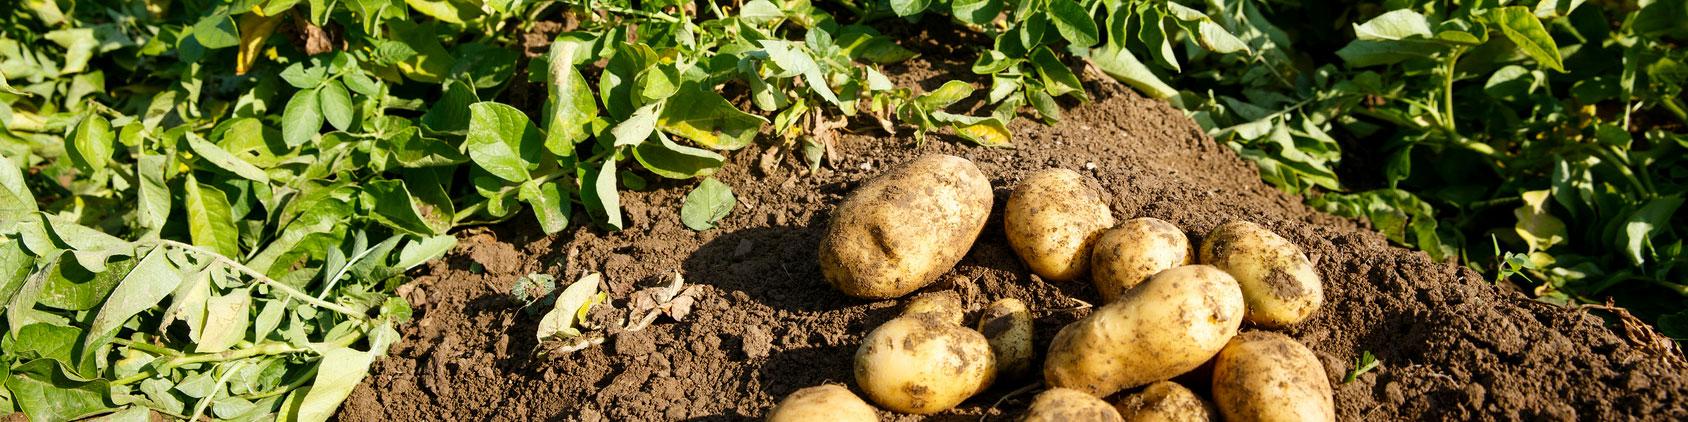 Productos Hortícolas: Patata - Productos Las Marismas de Lebrija